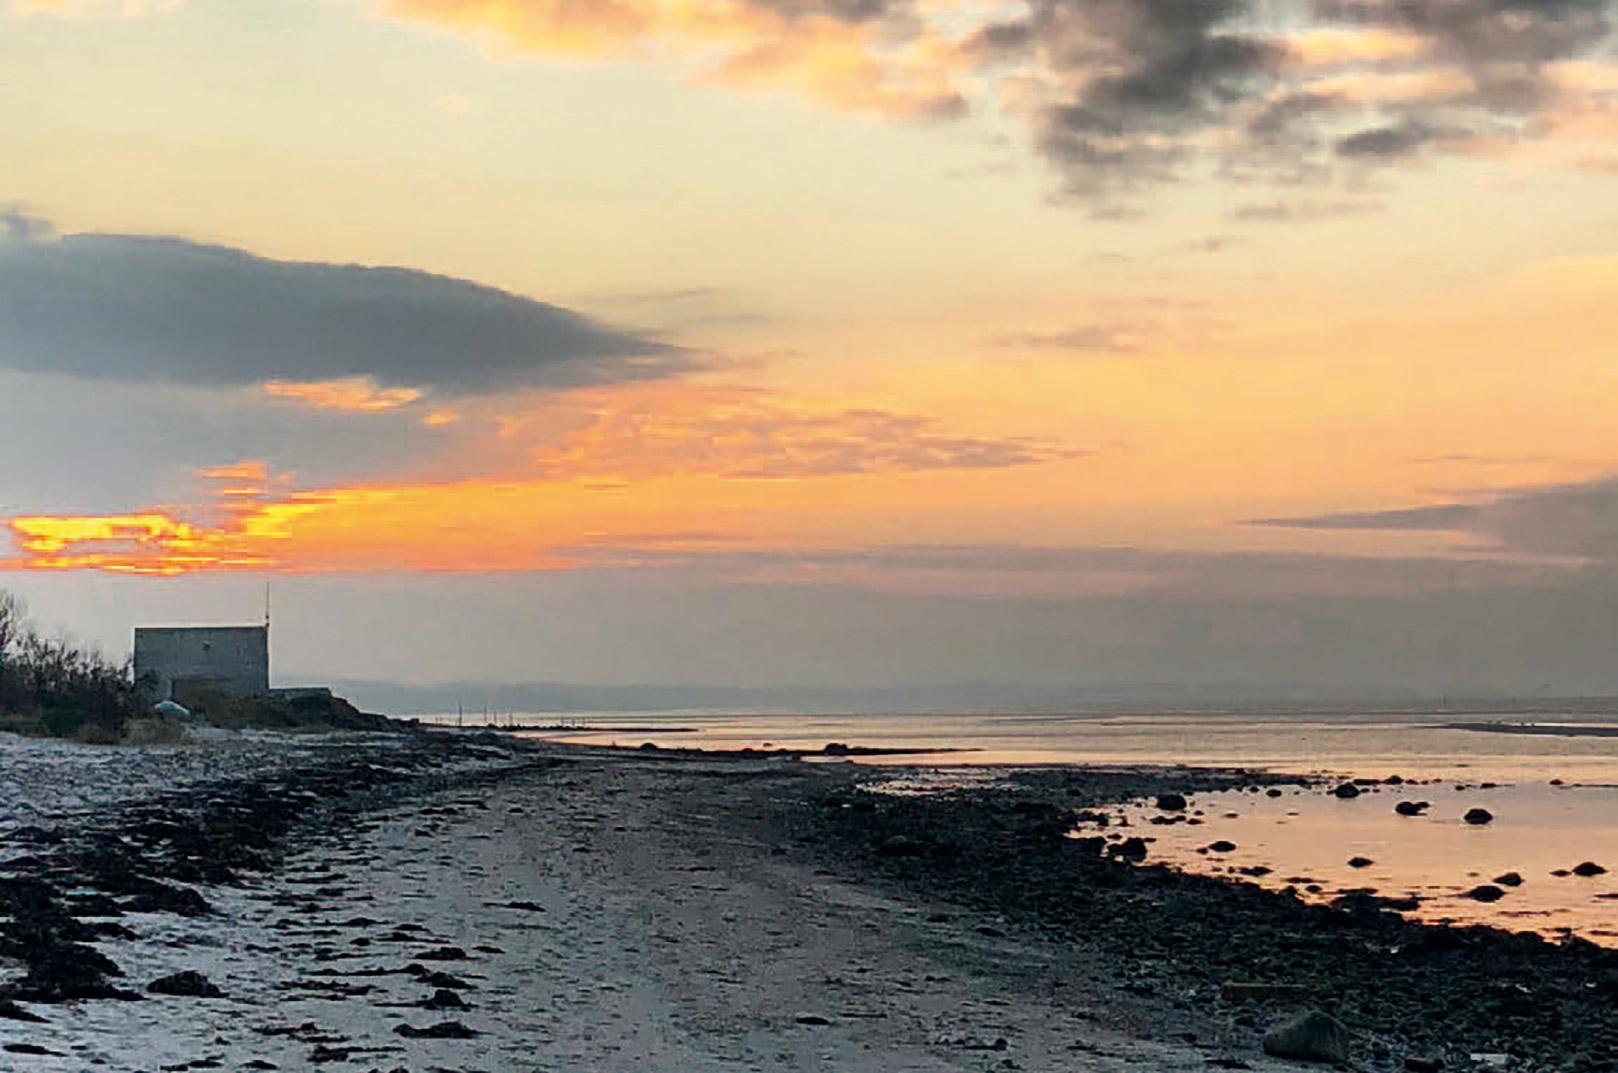 Lav sol over Fjellerup Strand, der er en af de meste kendte pladser på Djursland.